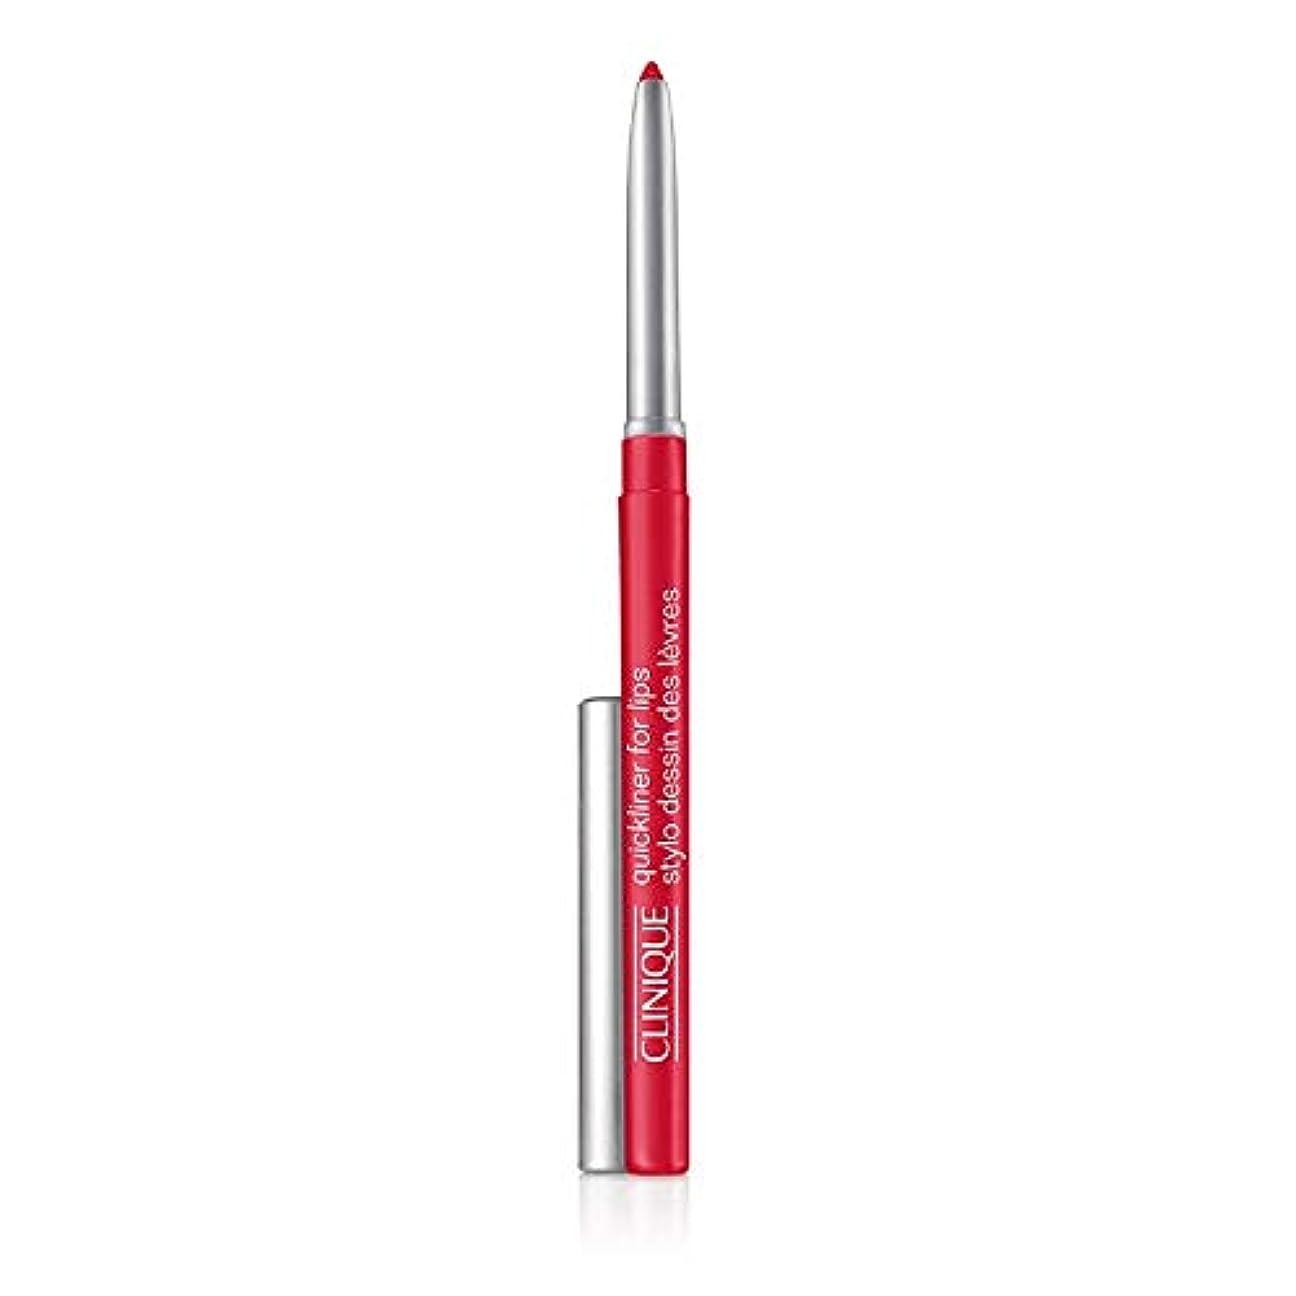 ブランデー疲労ベーカリークリニーク Quickliner For Lips - 47 French Poppy 0.3g/0.01oz並行輸入品